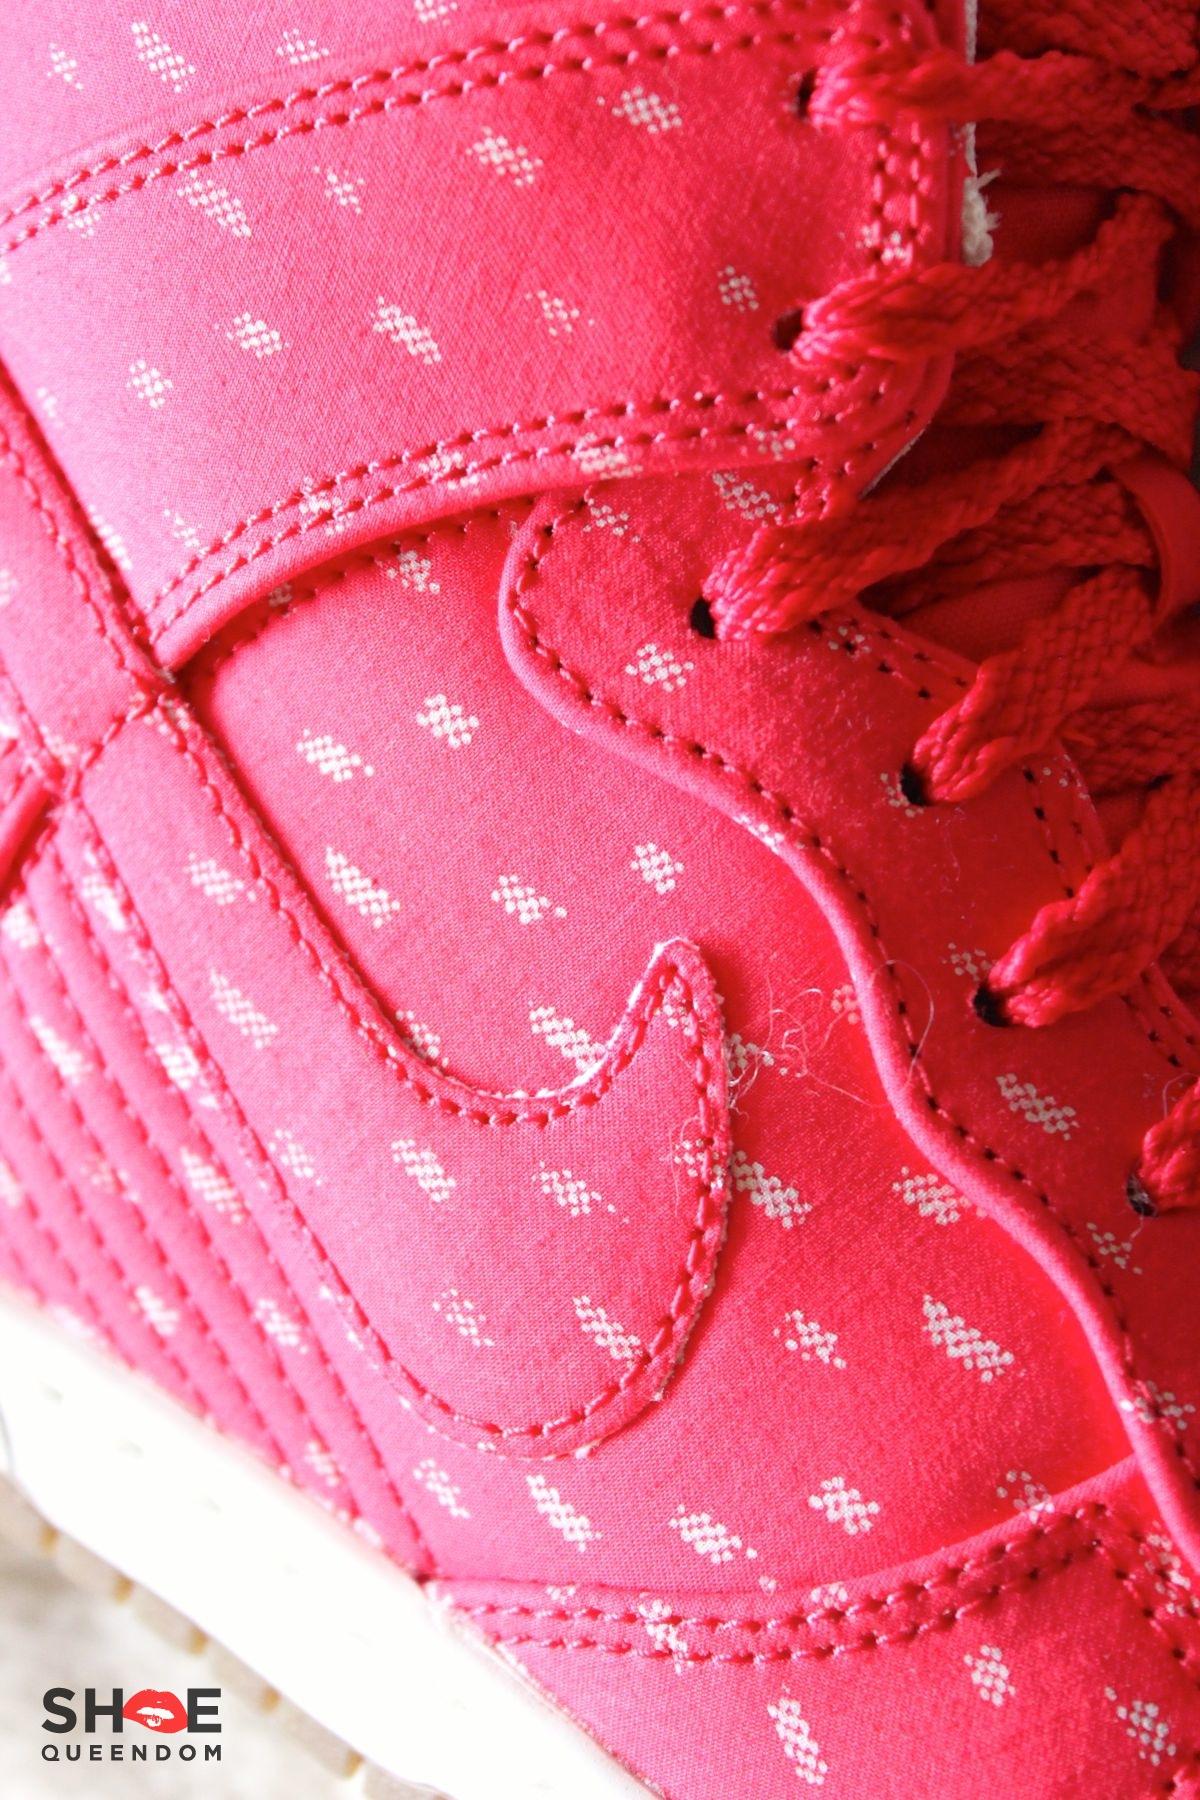 Nike Dunk Wedge Sky Hi Holiday05.jpg